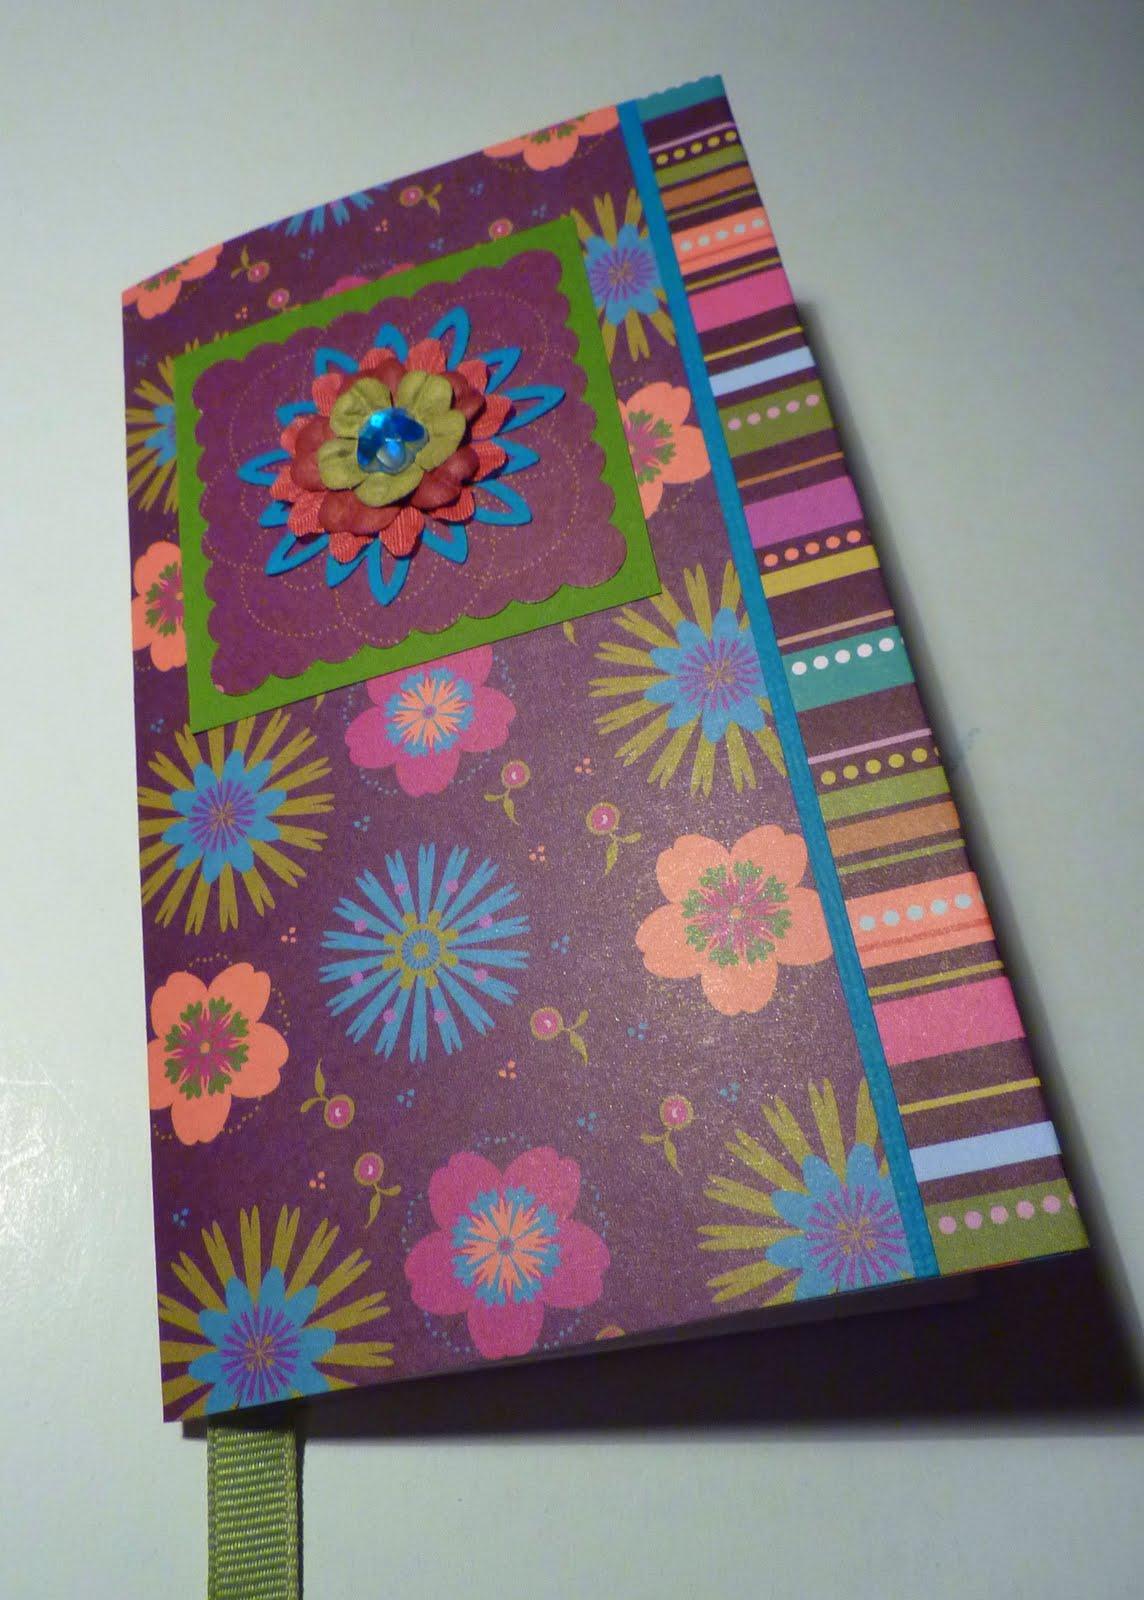 Handmade Calendar Tutorial : No time to be bored handmade gift ideas diy tutorials